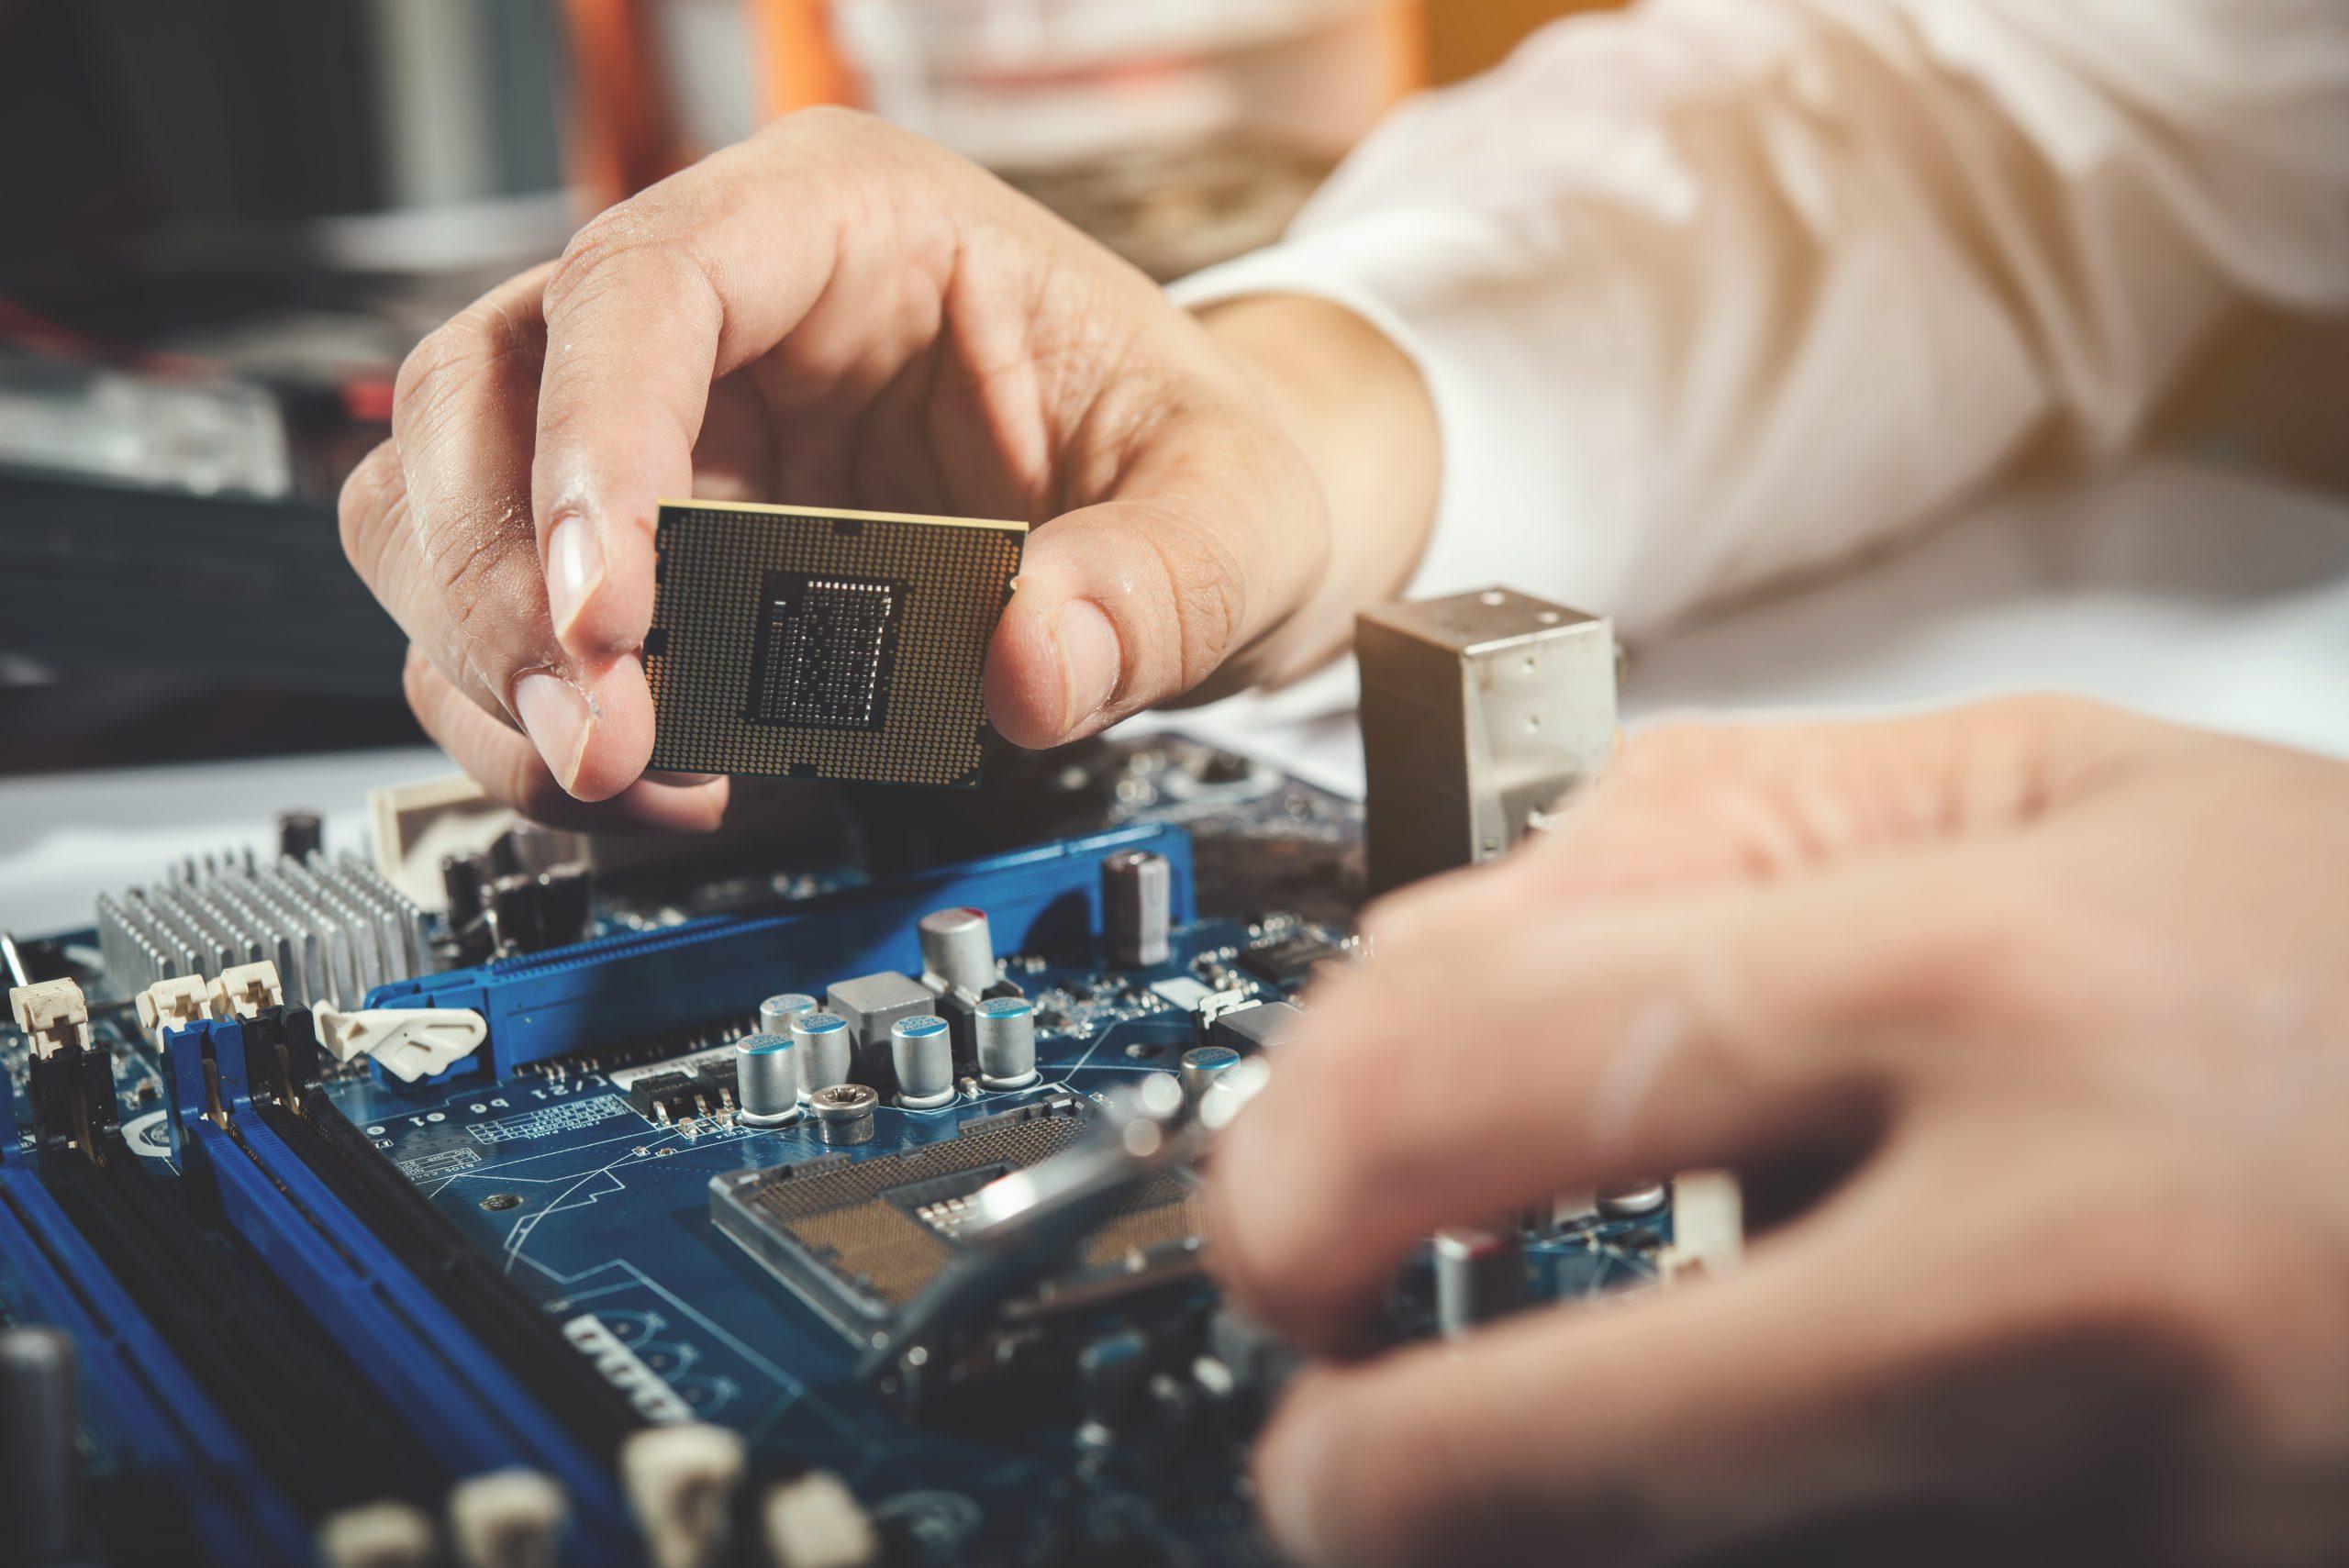 Waarom zijn computers zo belangrijk?